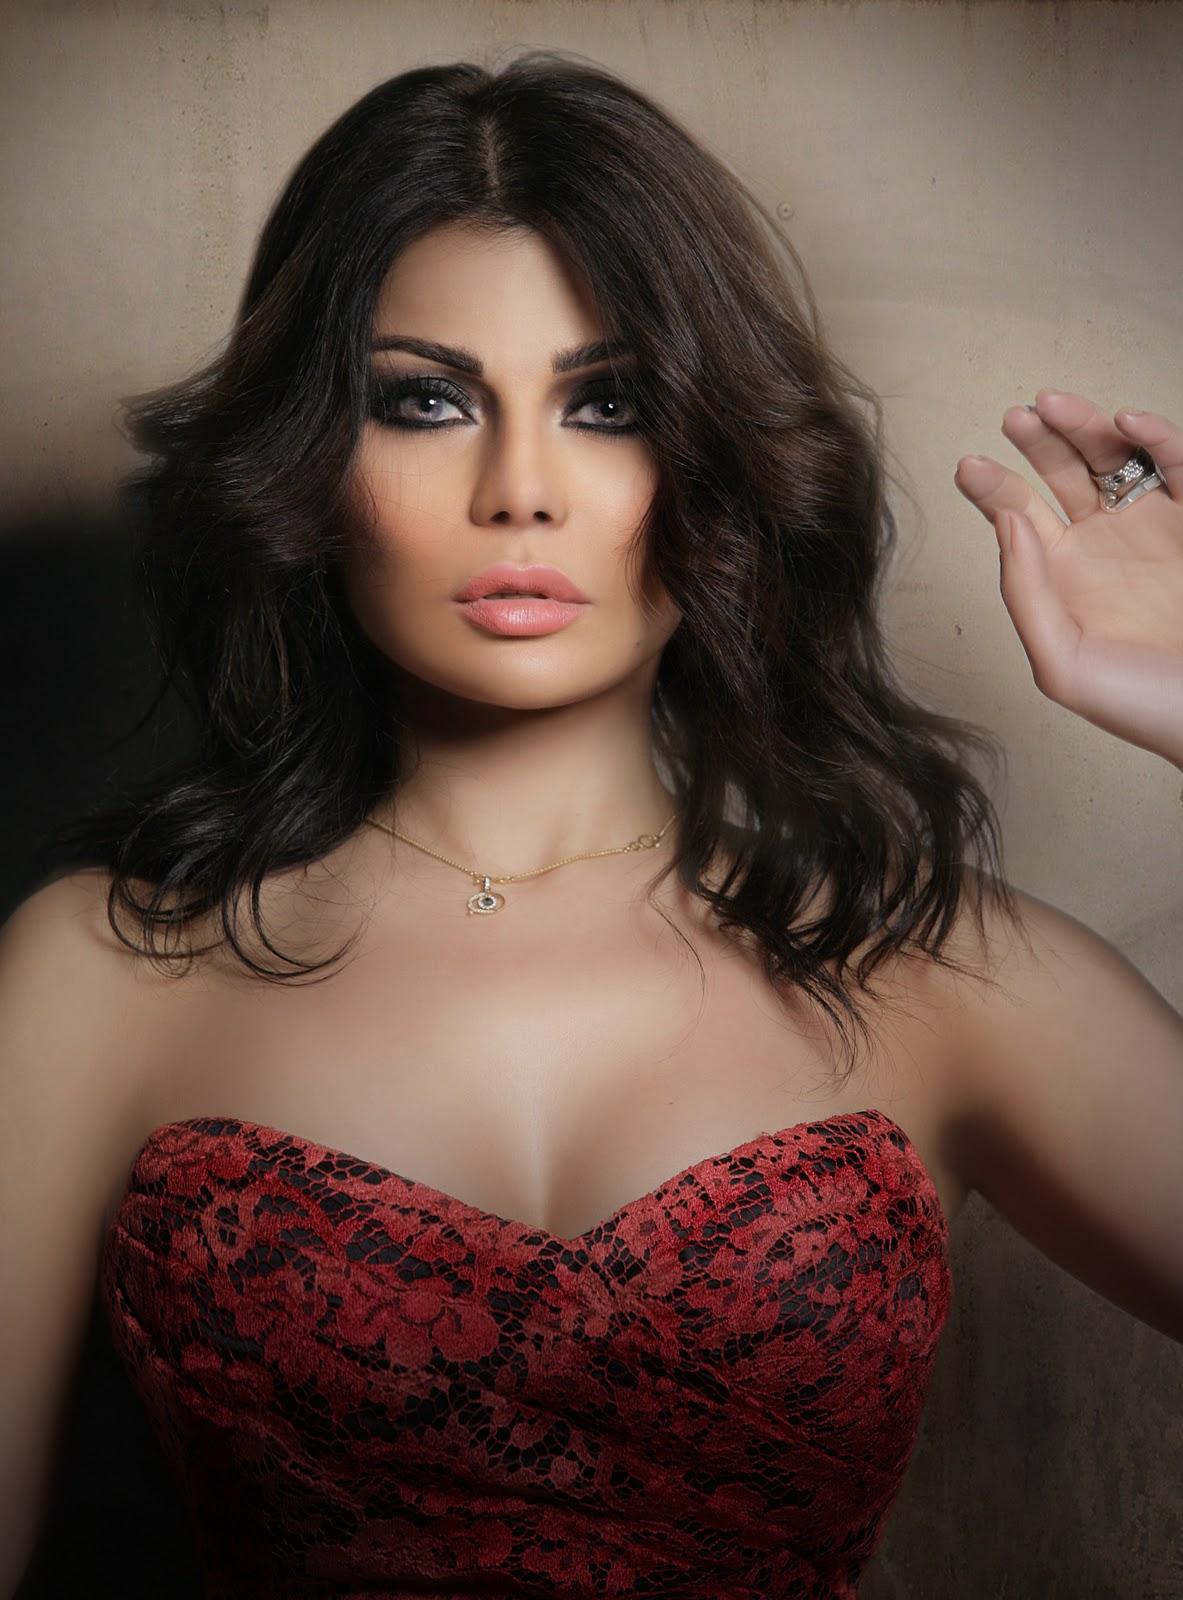 http://4.bp.blogspot.com/-cbeAB-AiRDo/UJucaoPLq9I/AAAAAAAAB3I/JmVmLvn8iys/s1600/Haifa+Wehbe.jpg